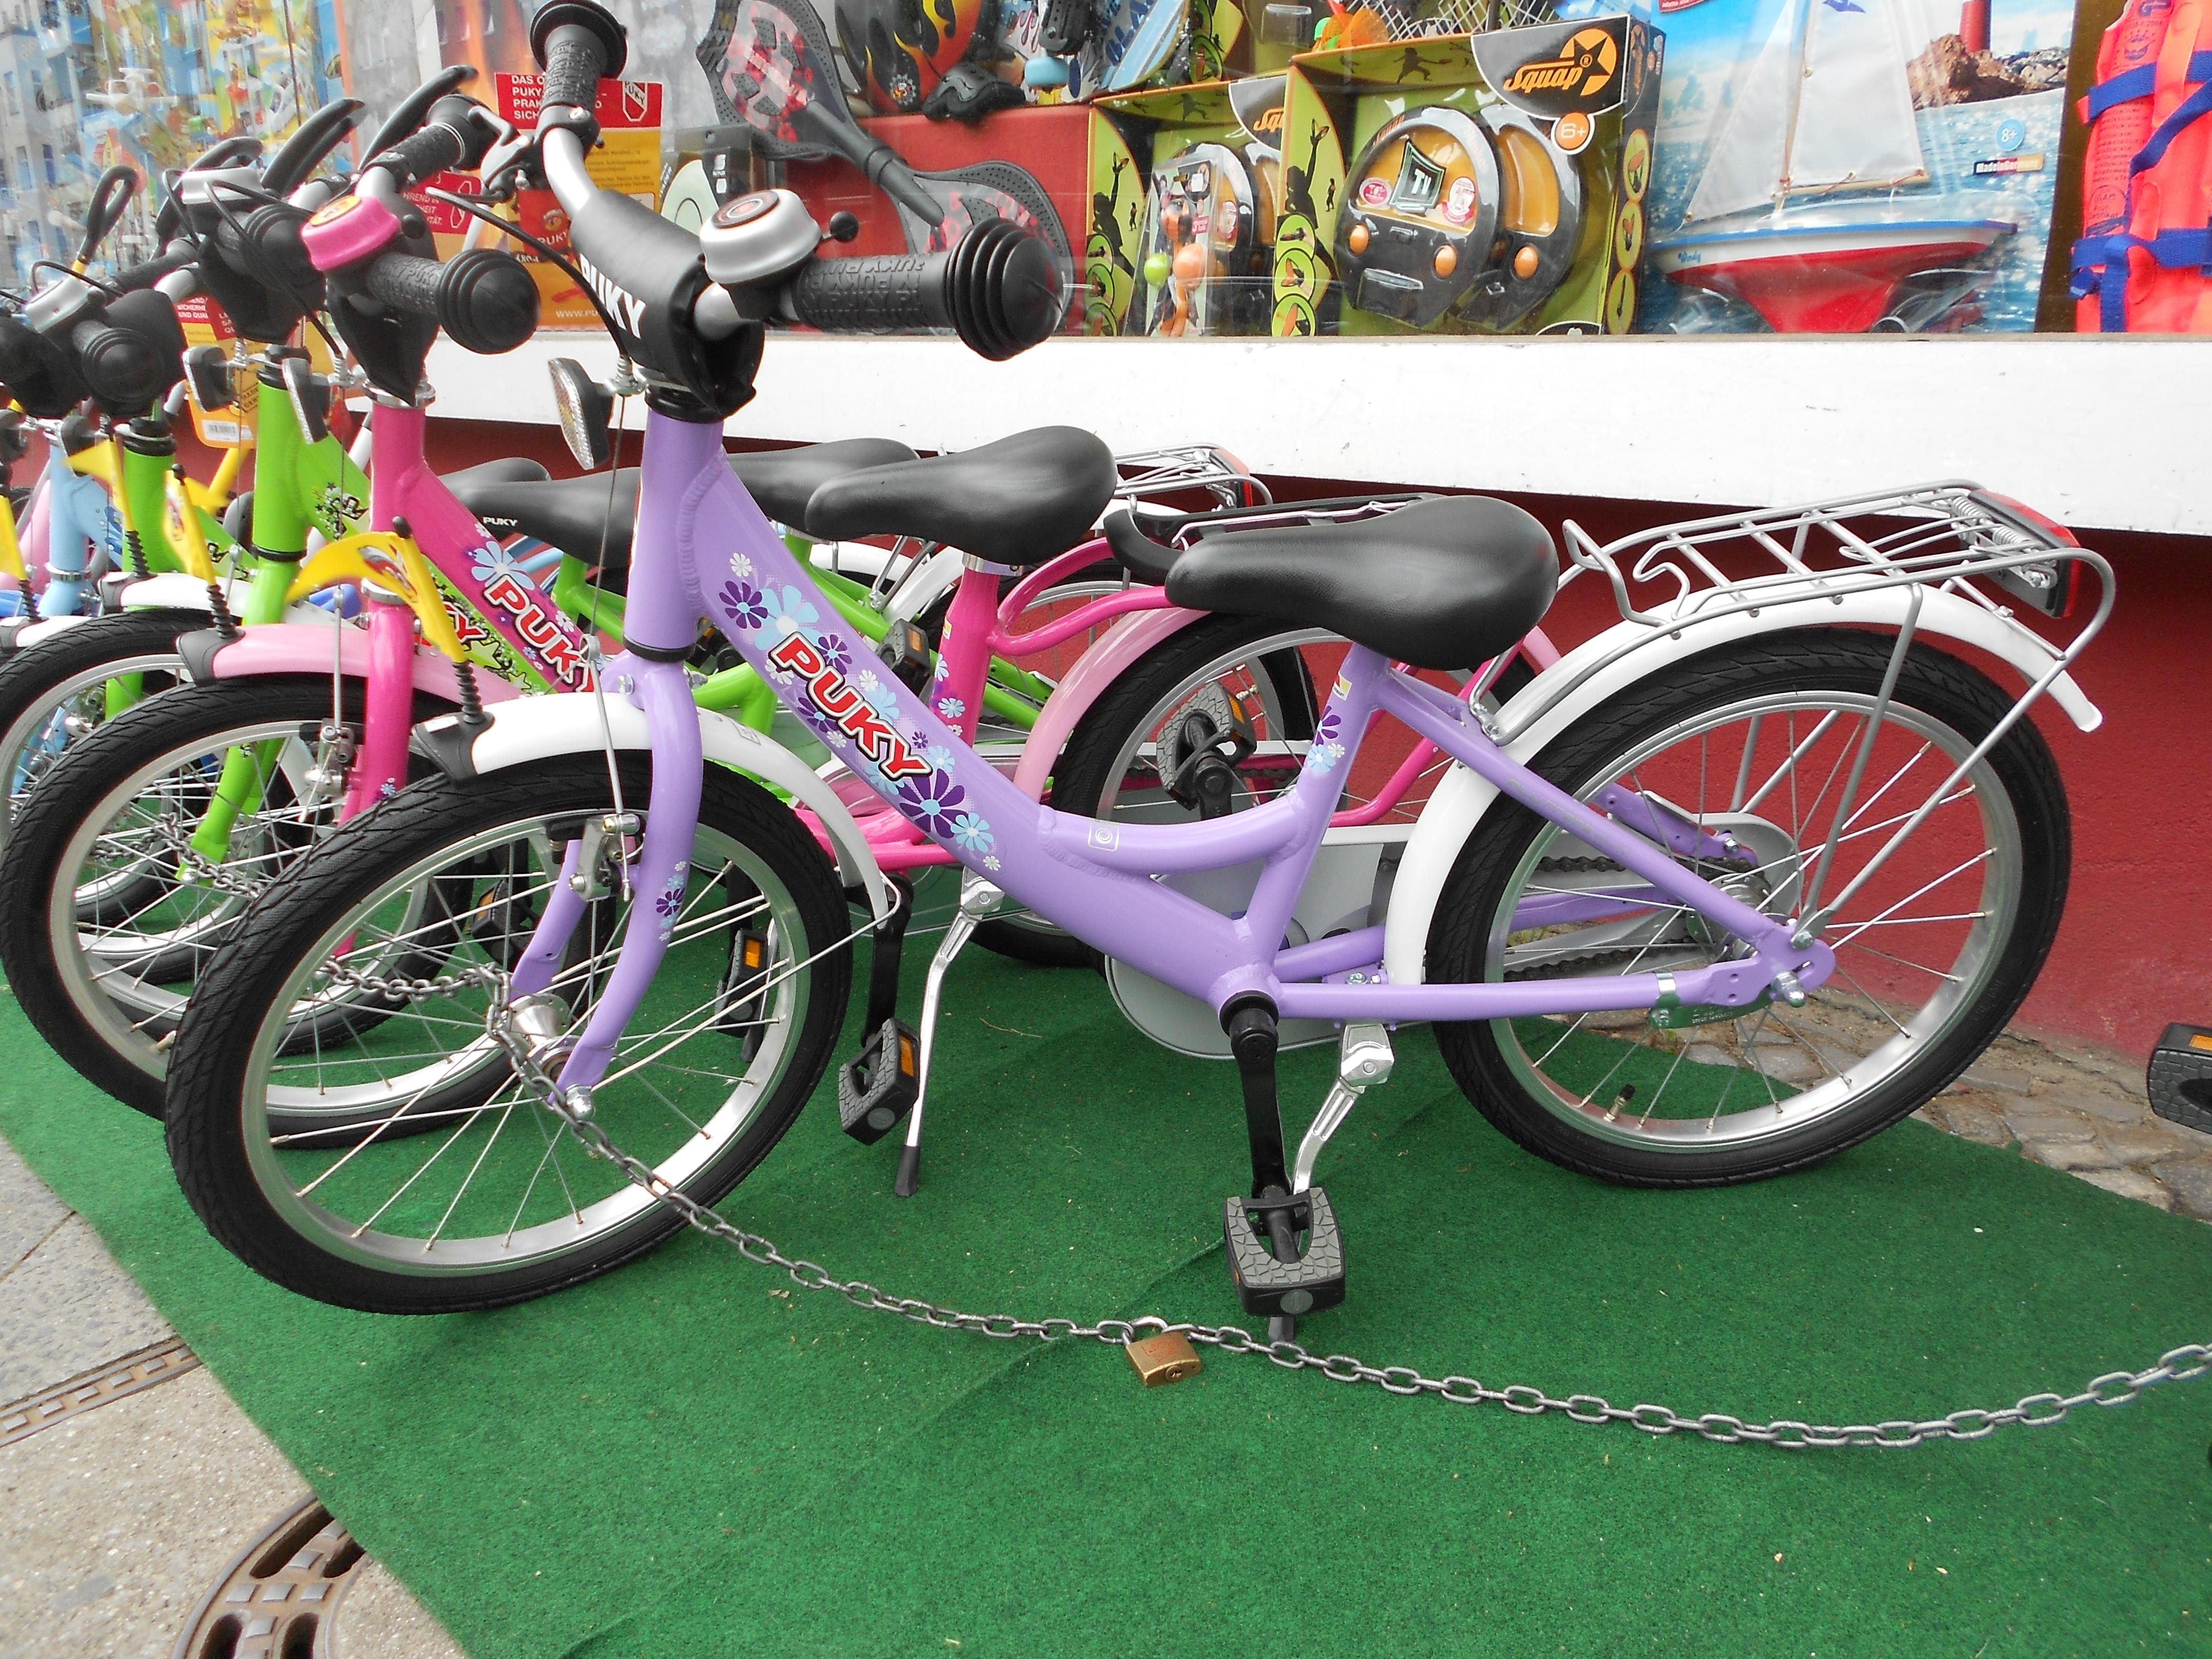 12-06-26-Велосипед-или-автомобили в Берлине-20.jpg